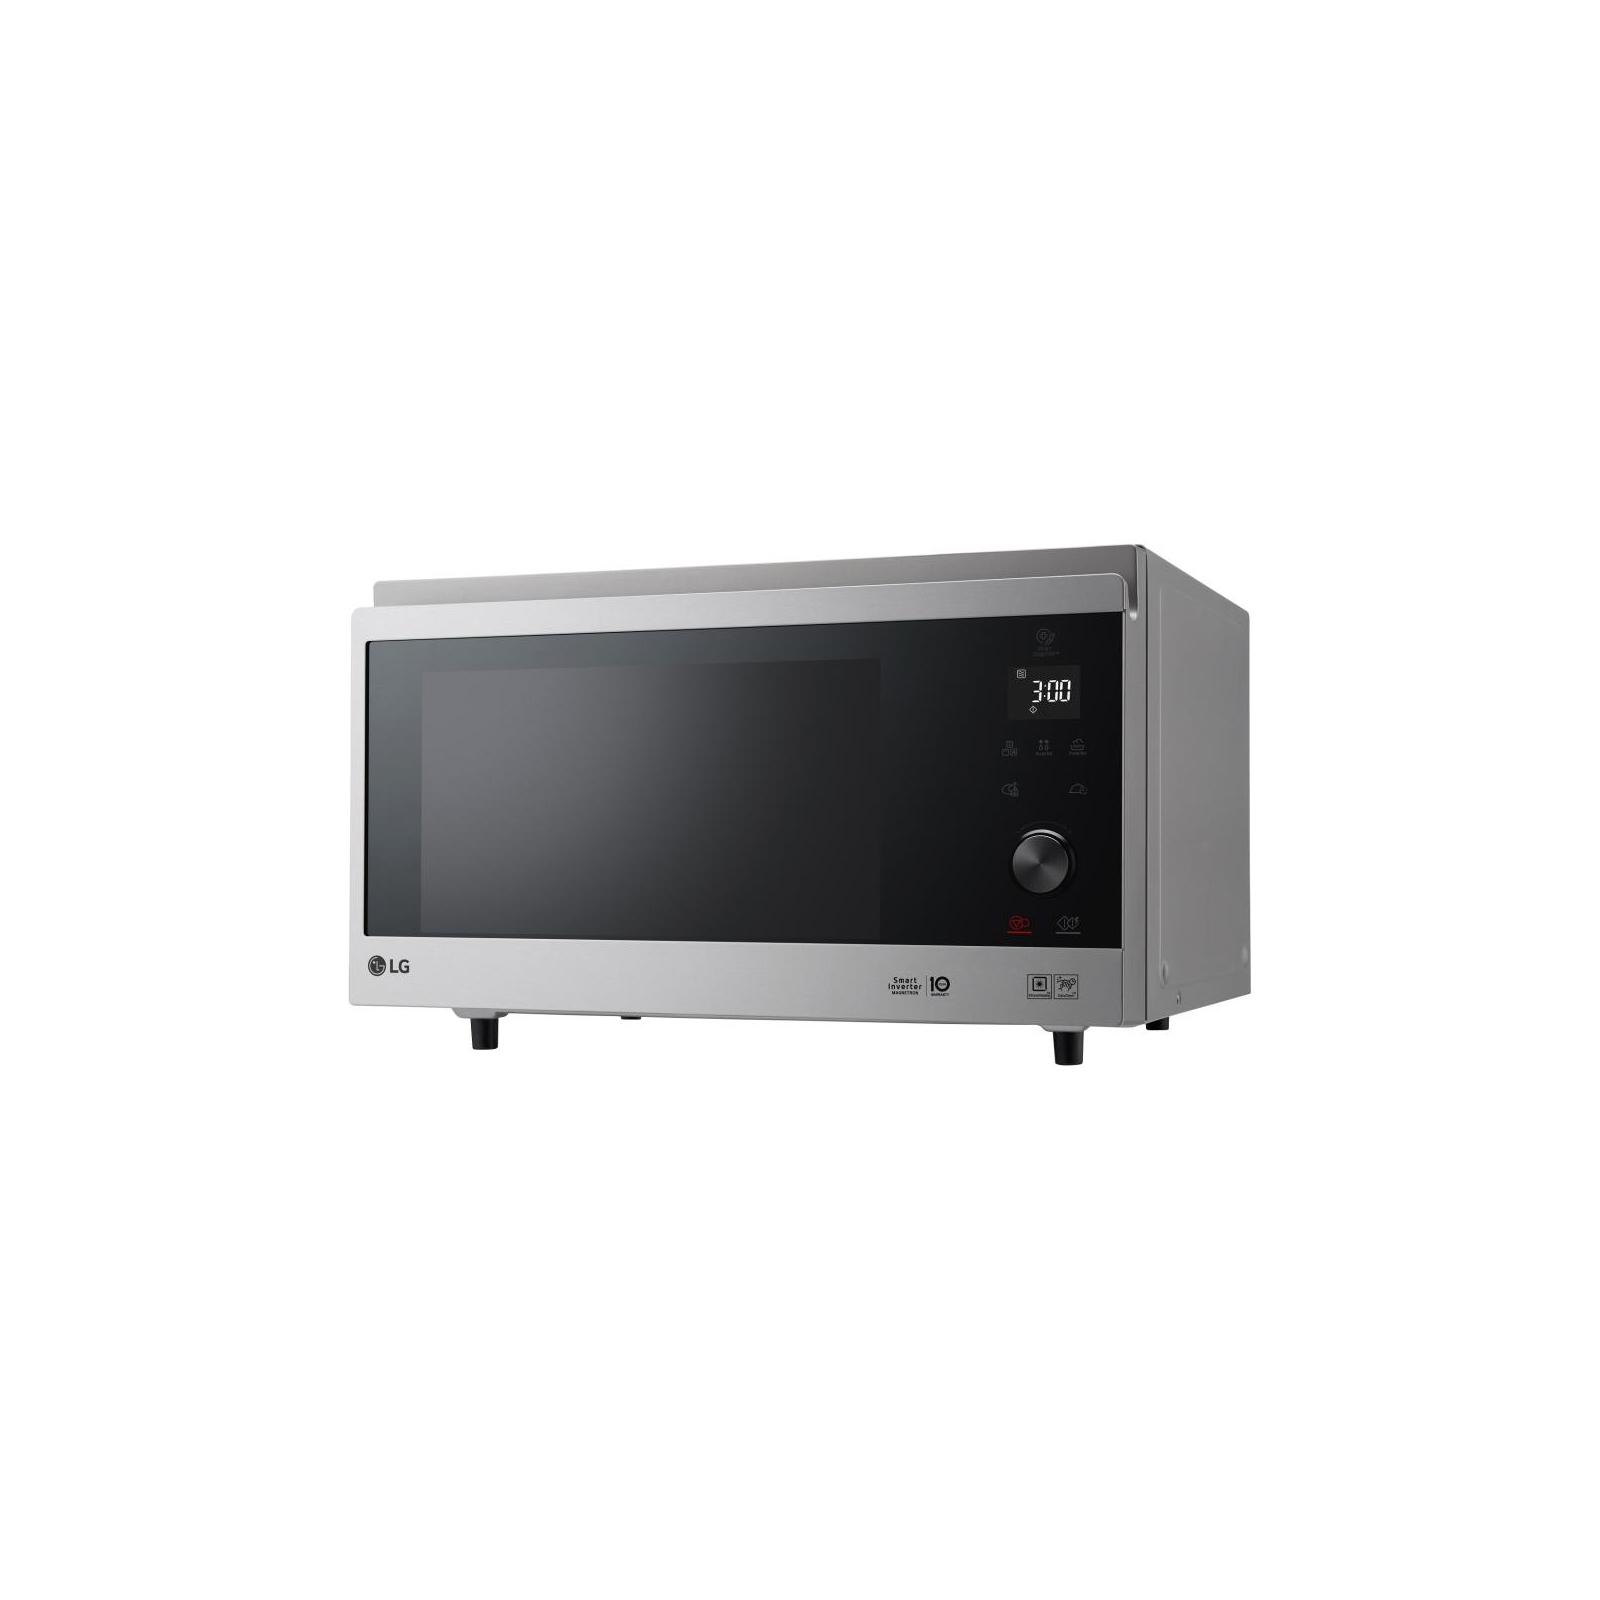 Микроволновая печь LG MJ3965AIS изображение 3